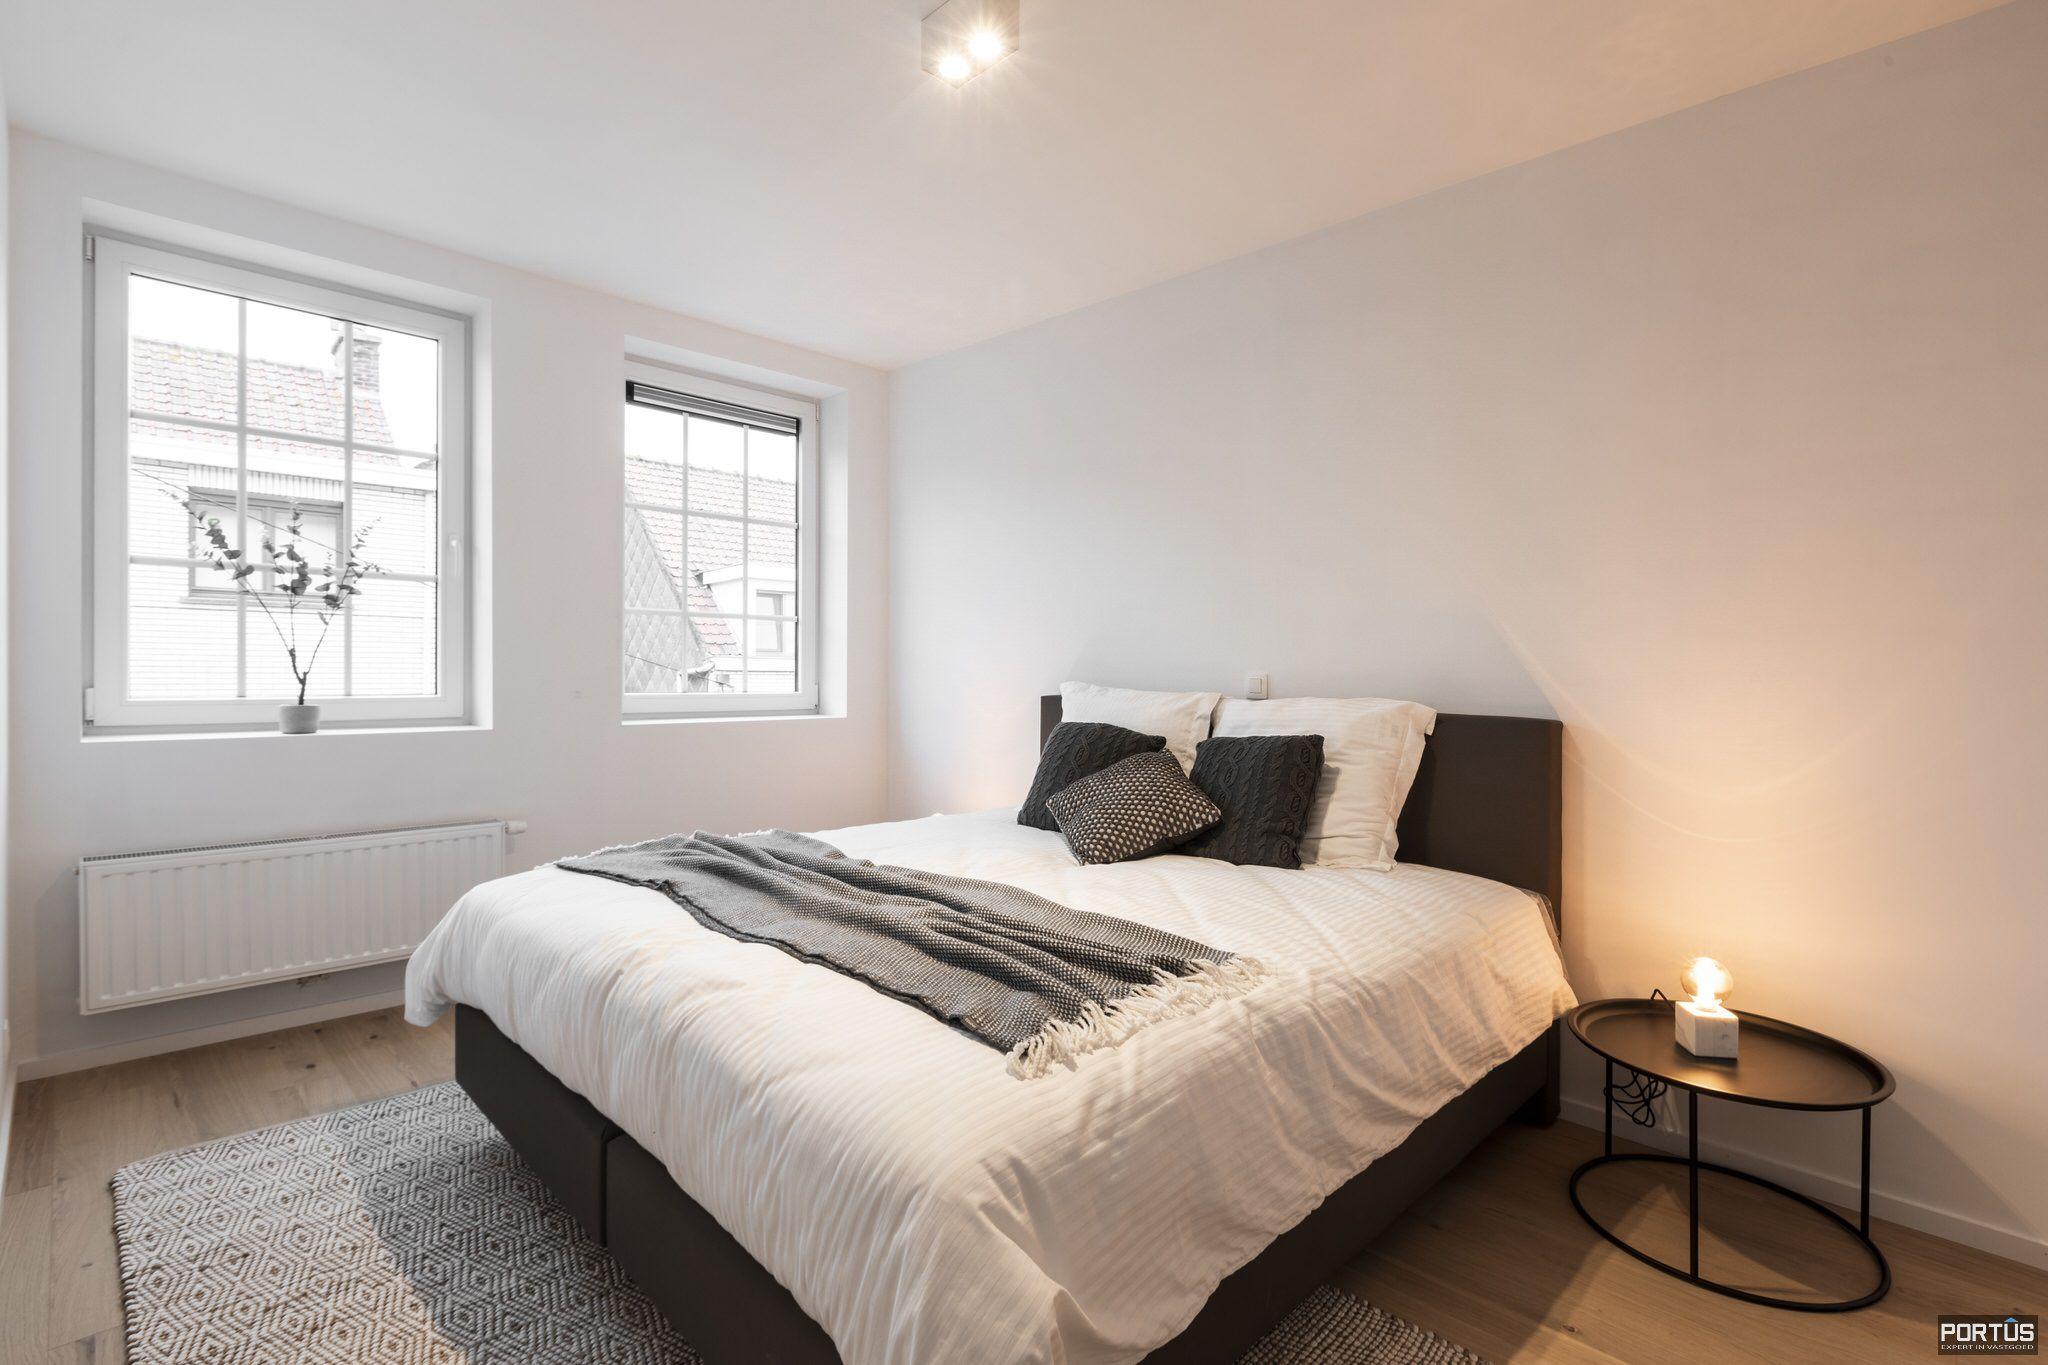 Nieuwbouwwoning met 4 slaapkamers te koop te Lombardsijde - 12160